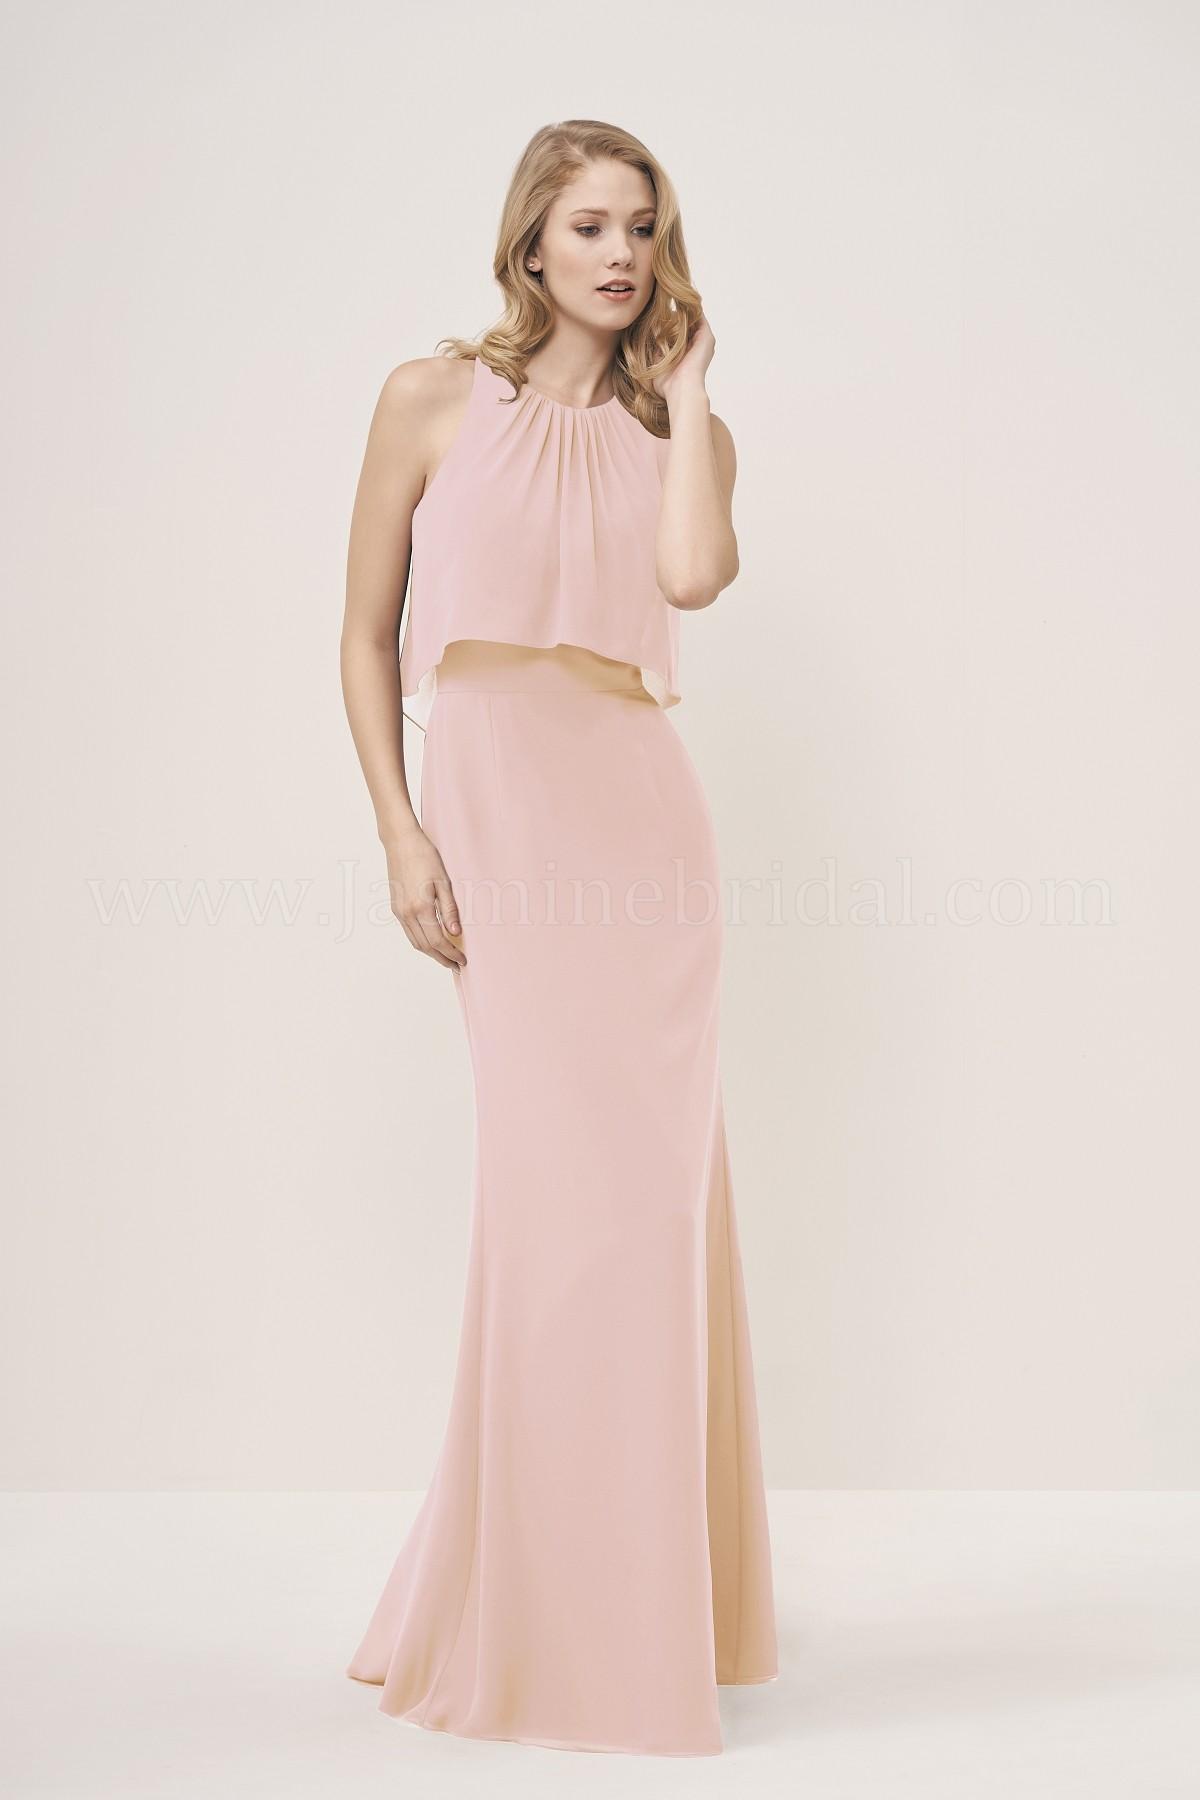 bridesmaid-dresses-P196057-F